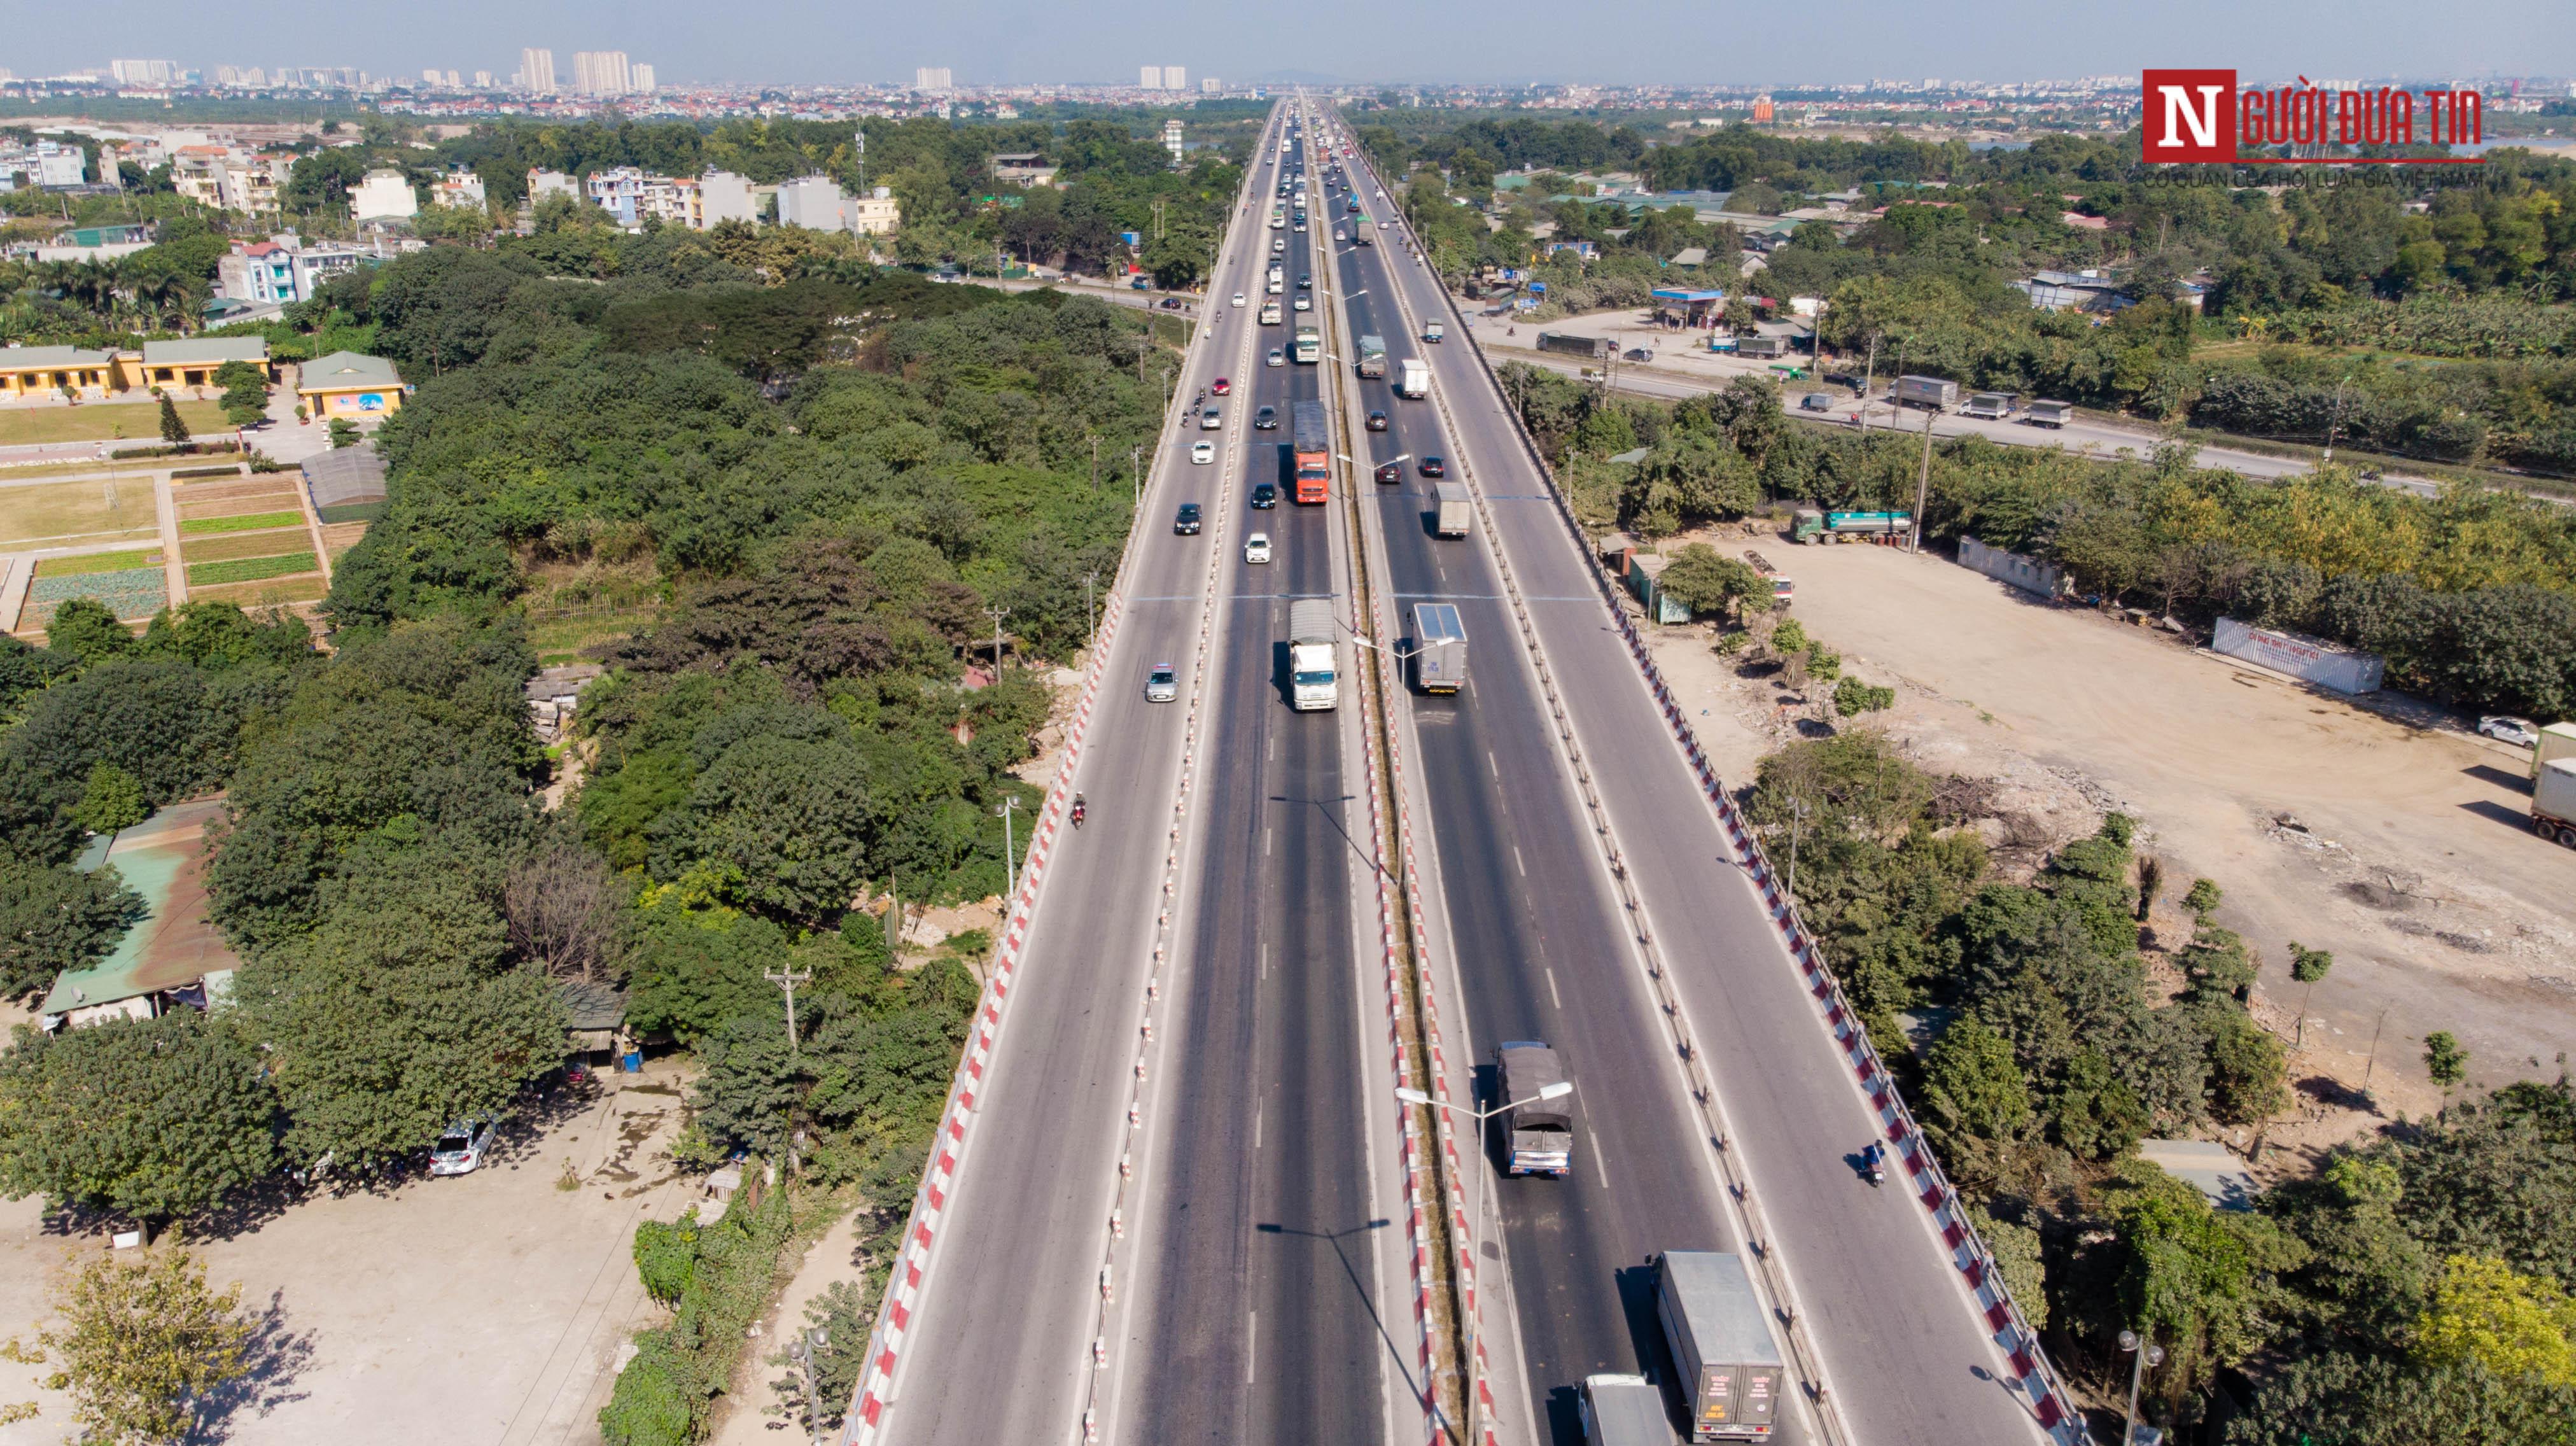 Tin nhanh - Chiêm ngưỡng 6 cây cầu bắc qua sông Hồng nối trung tâm Hà Nội (Hình 9).